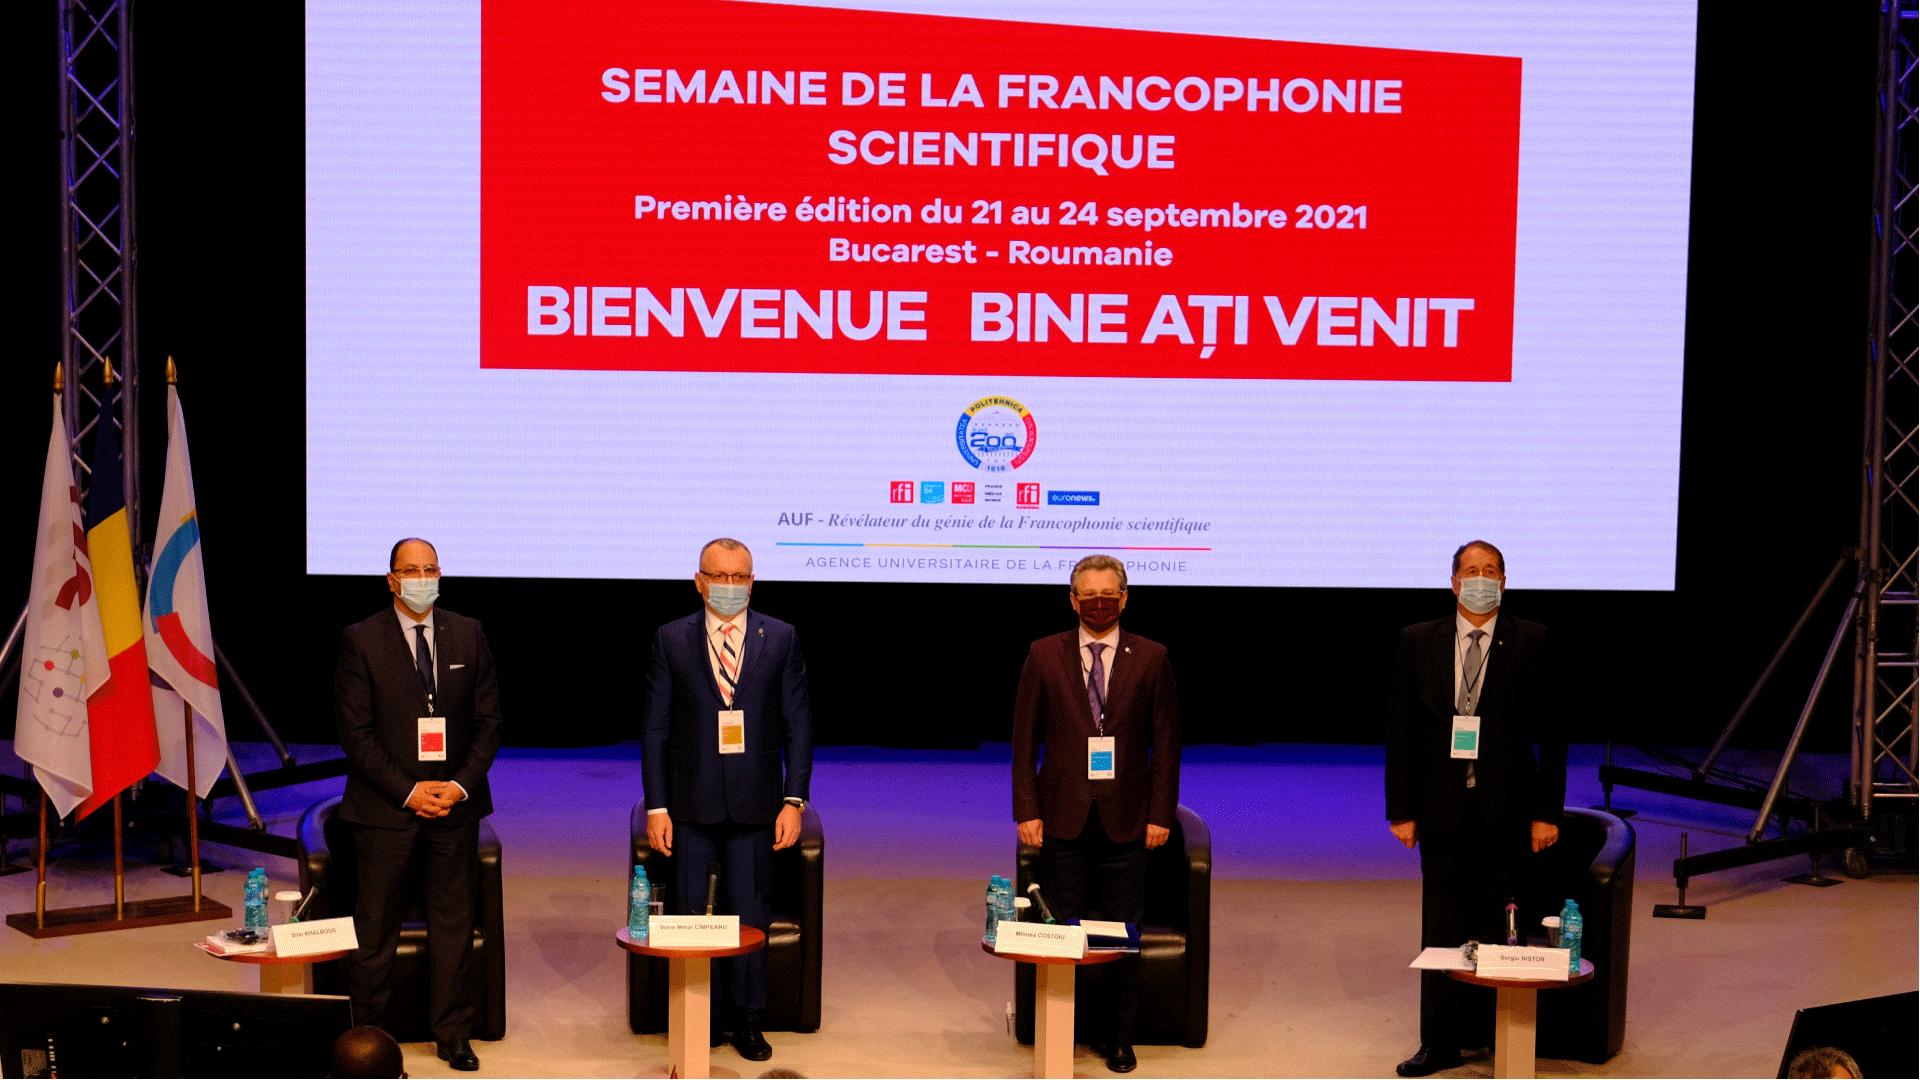 Rectorul UPB a fost reales în poziția de  Membru al Consiliului de Administrație al  Agenției Universitare a Francofoniei